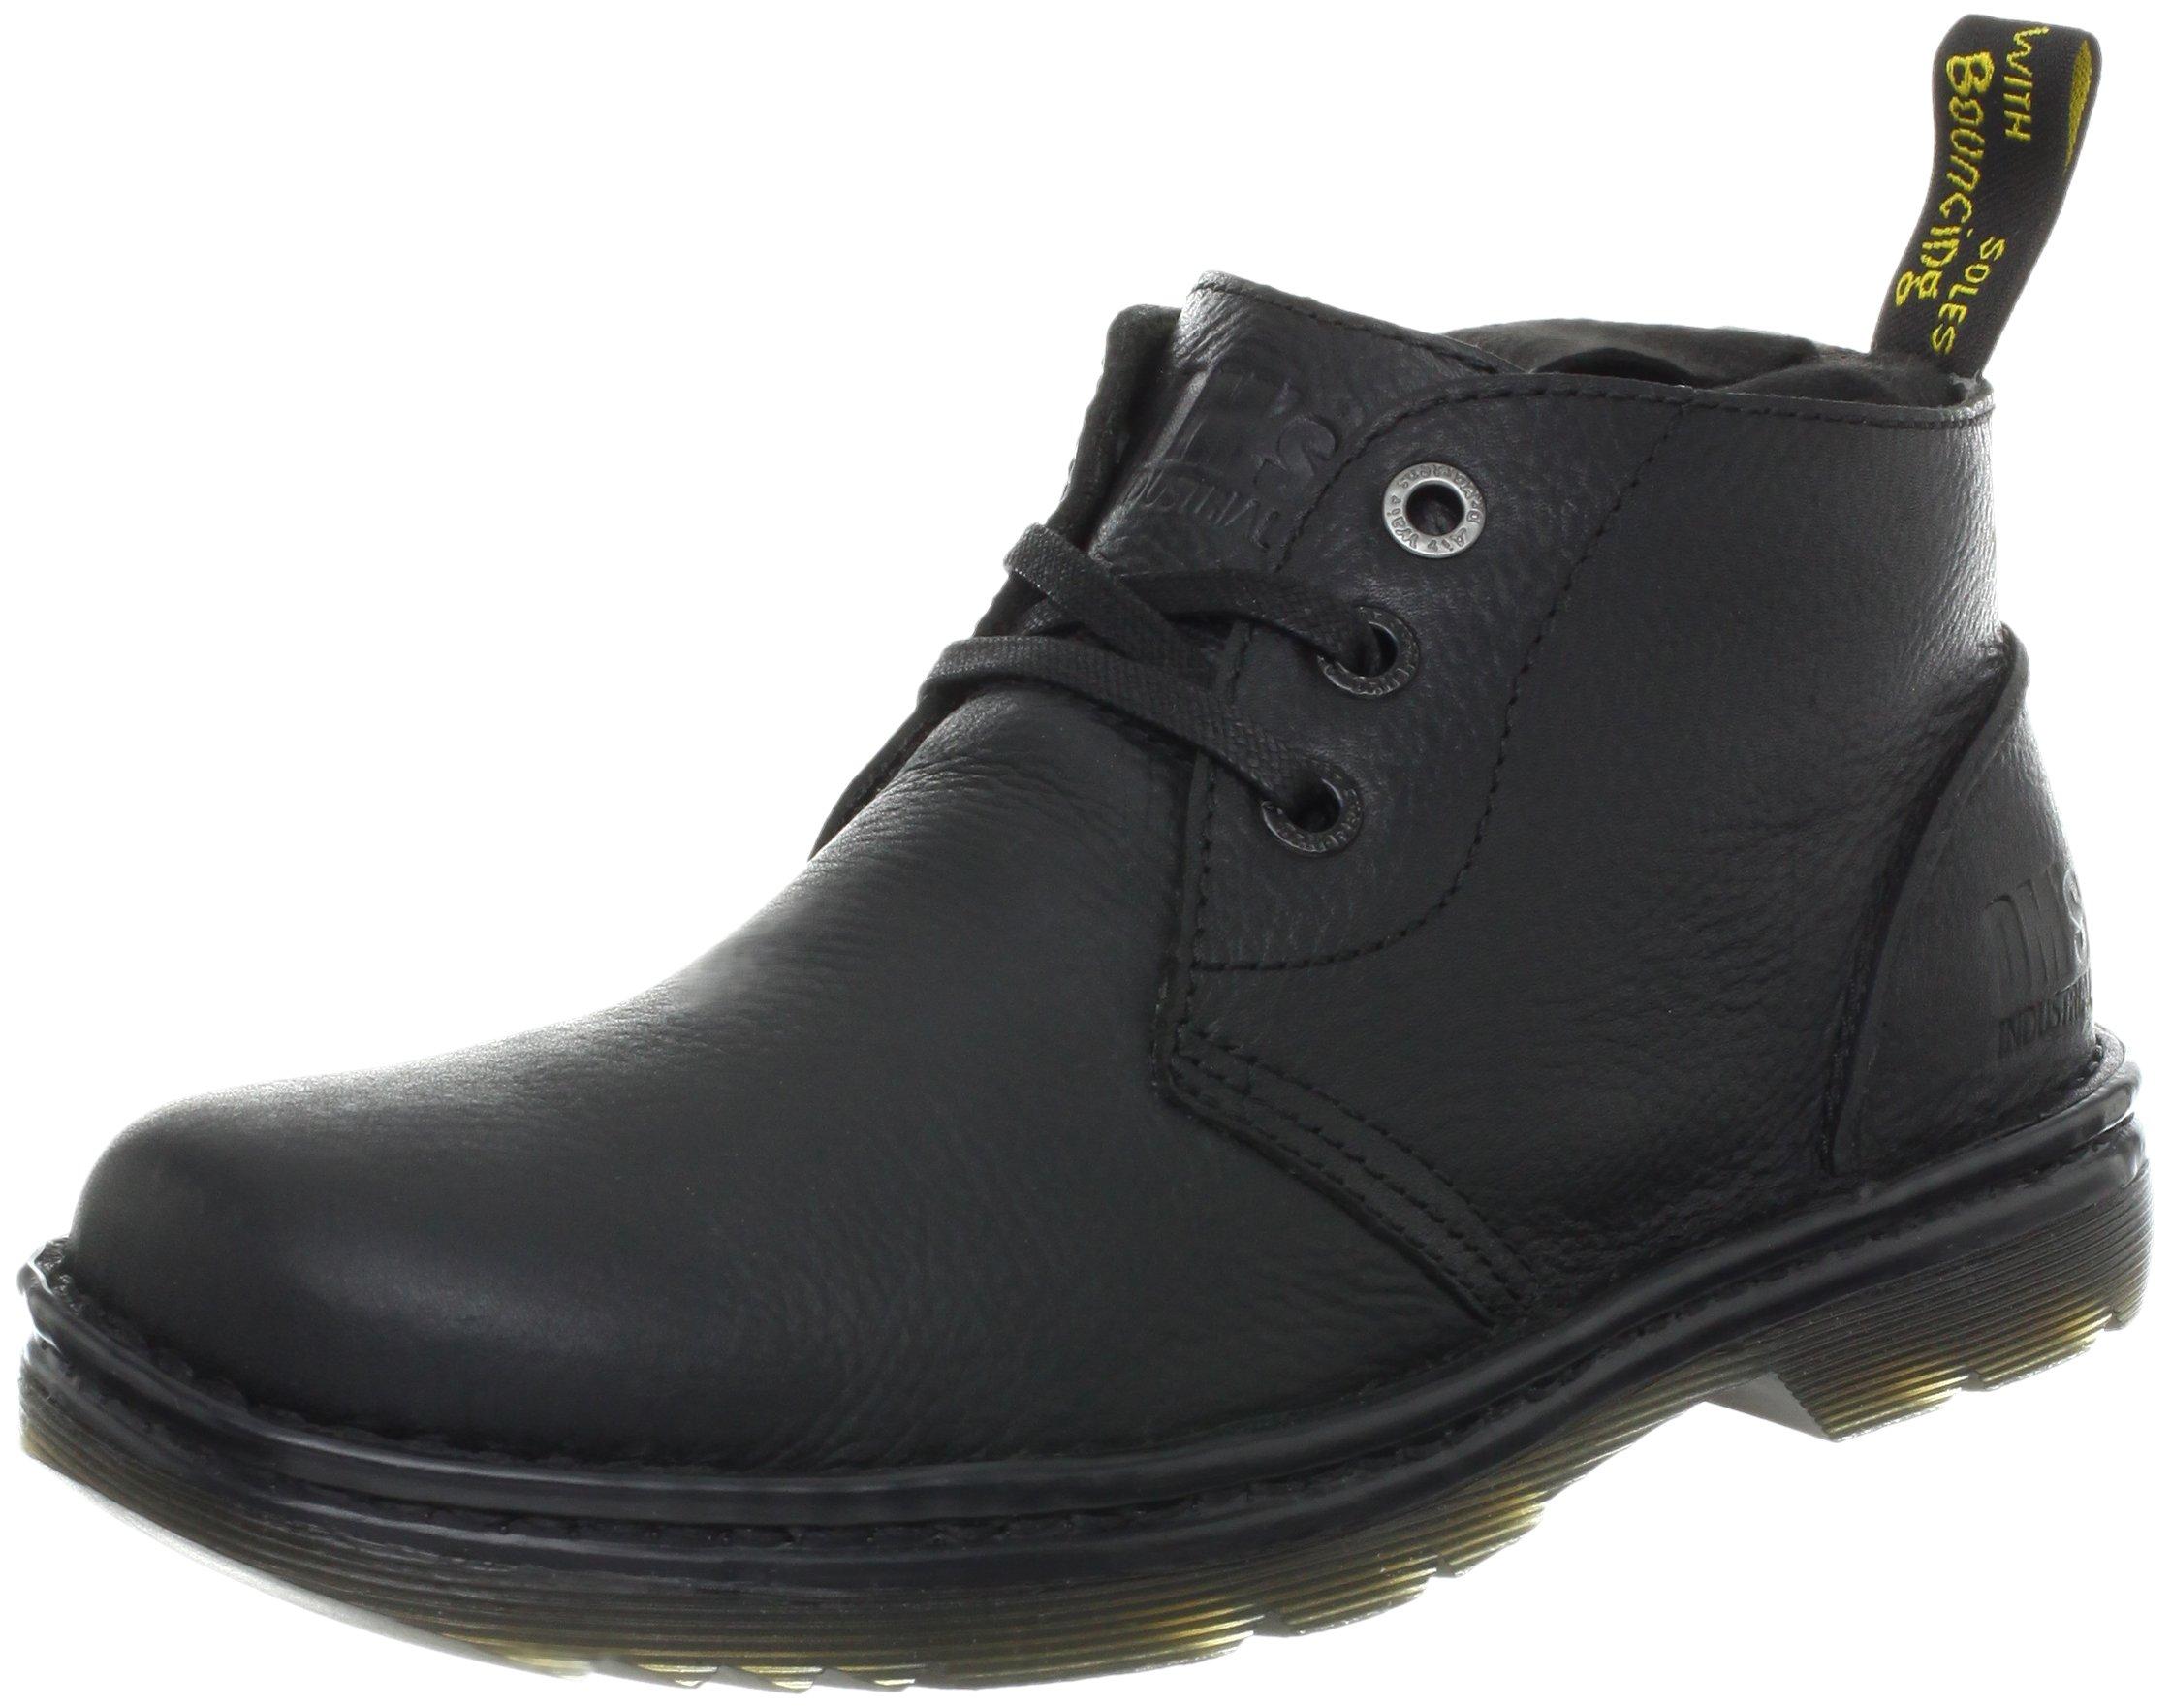 Dr. Martens Men's Sussex Work Boot,Black Bear Track,10 UK/11 M US by Dr. Martens